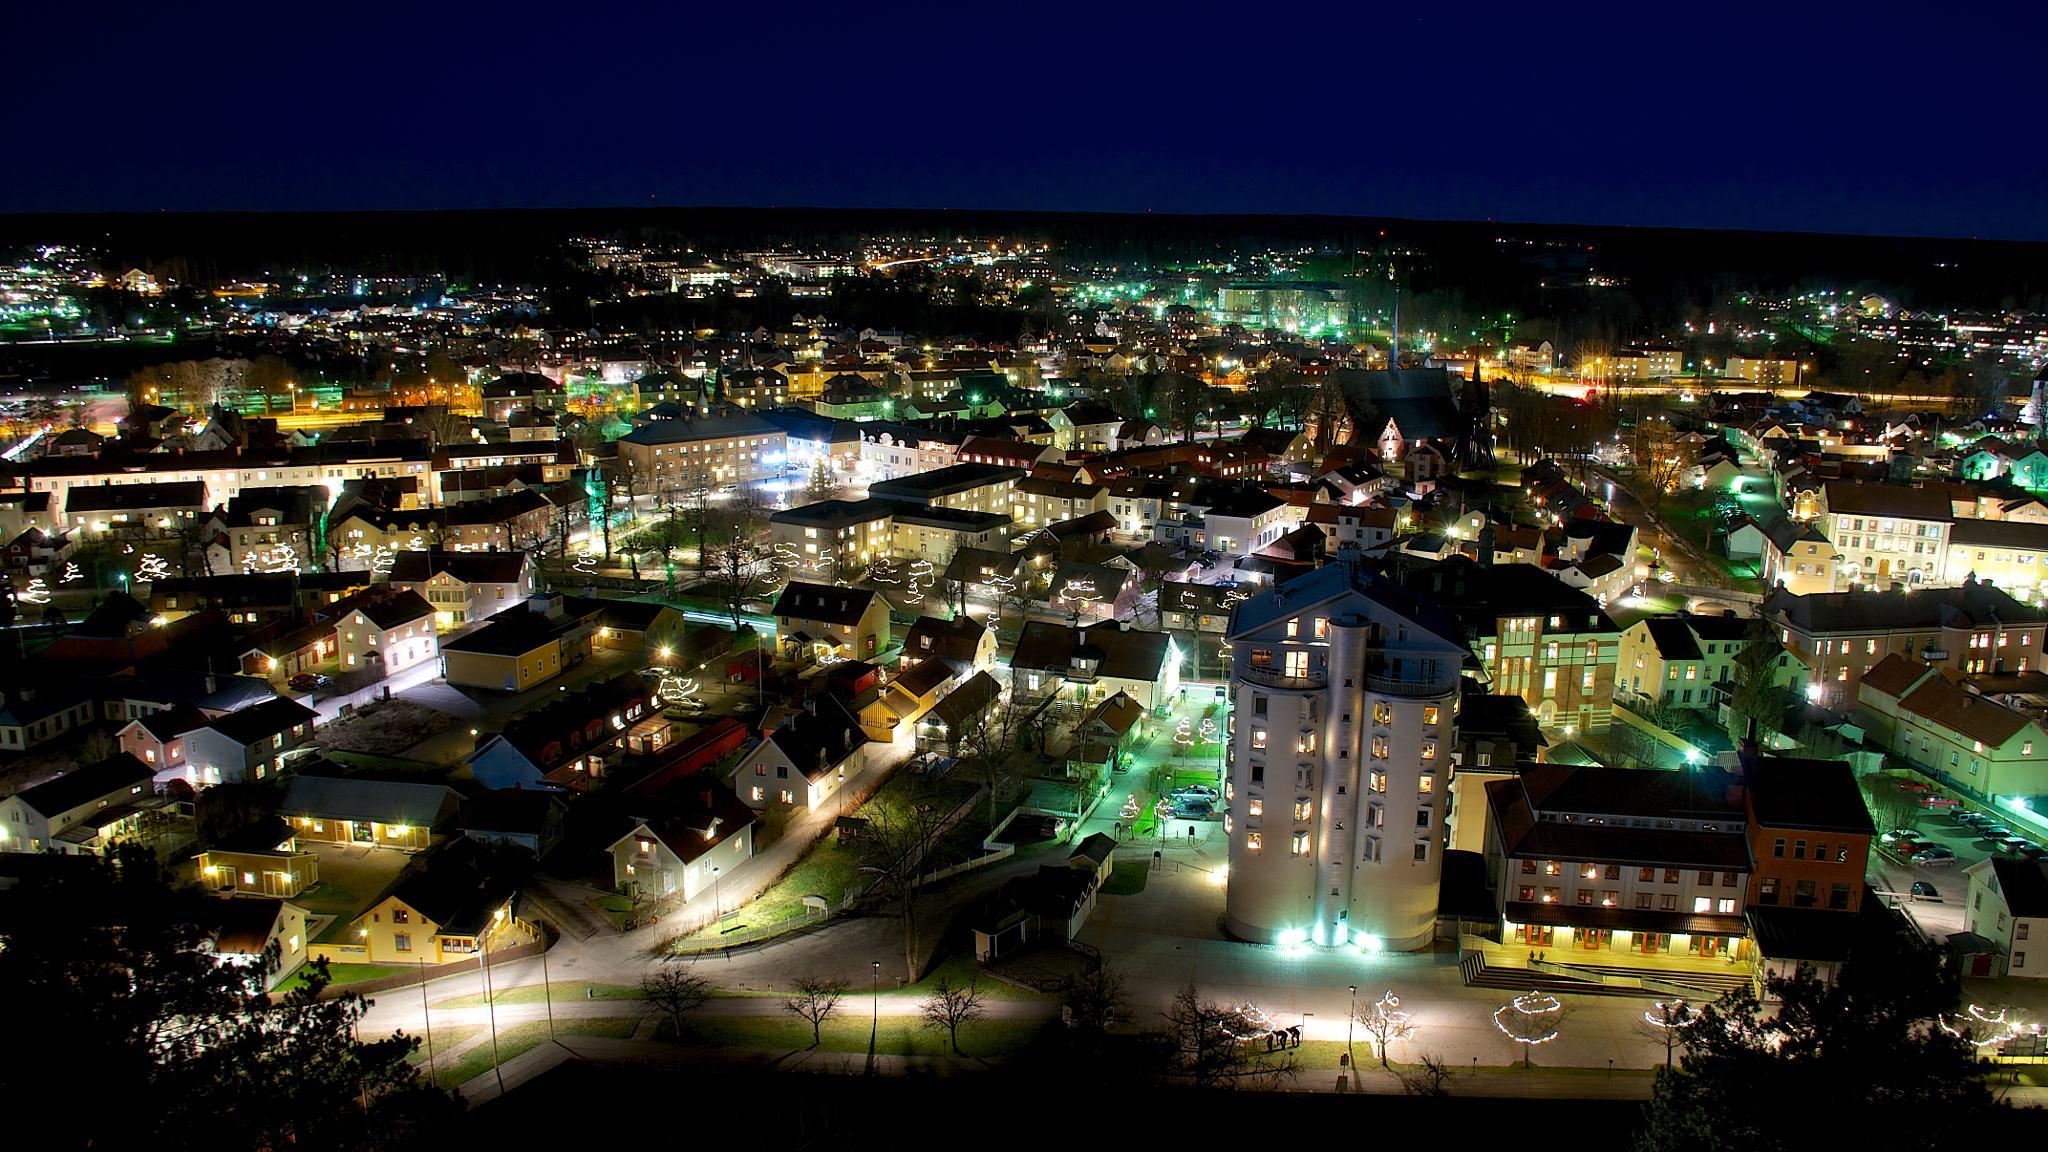 Village of Söderköping by Magnus Arnesson